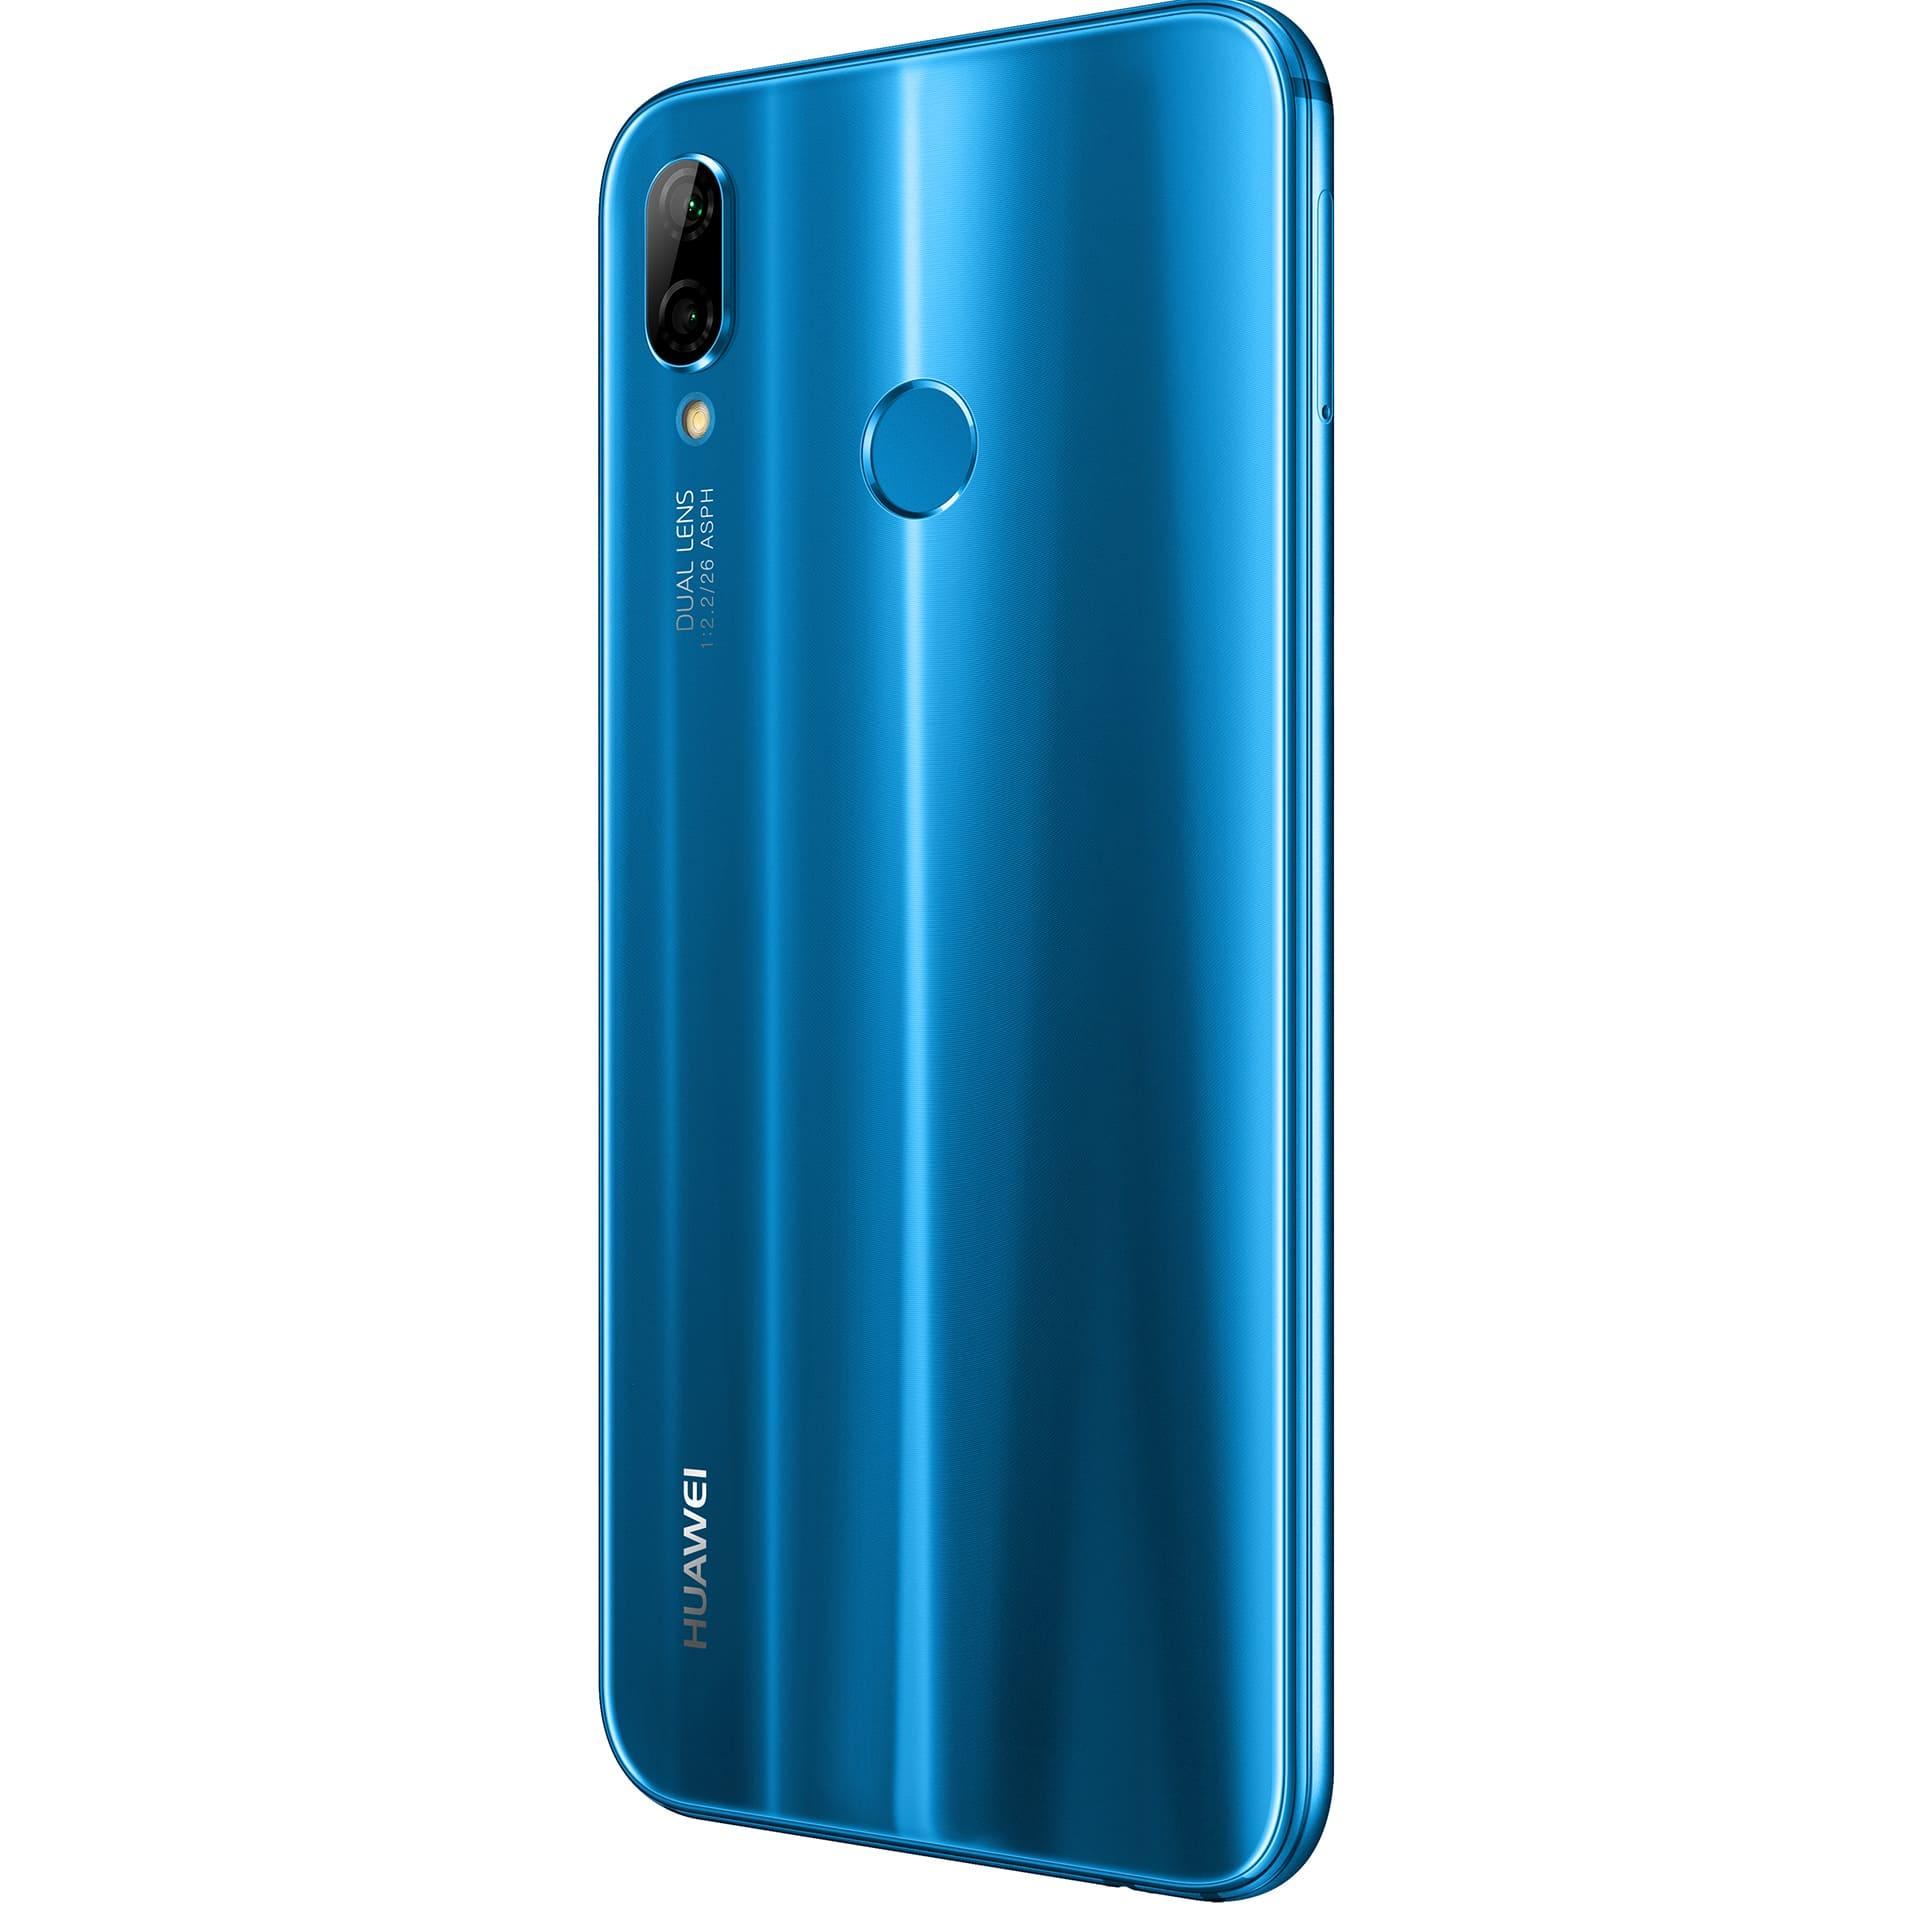 mobiiltelefon Huawei P20 Lite (sinine)